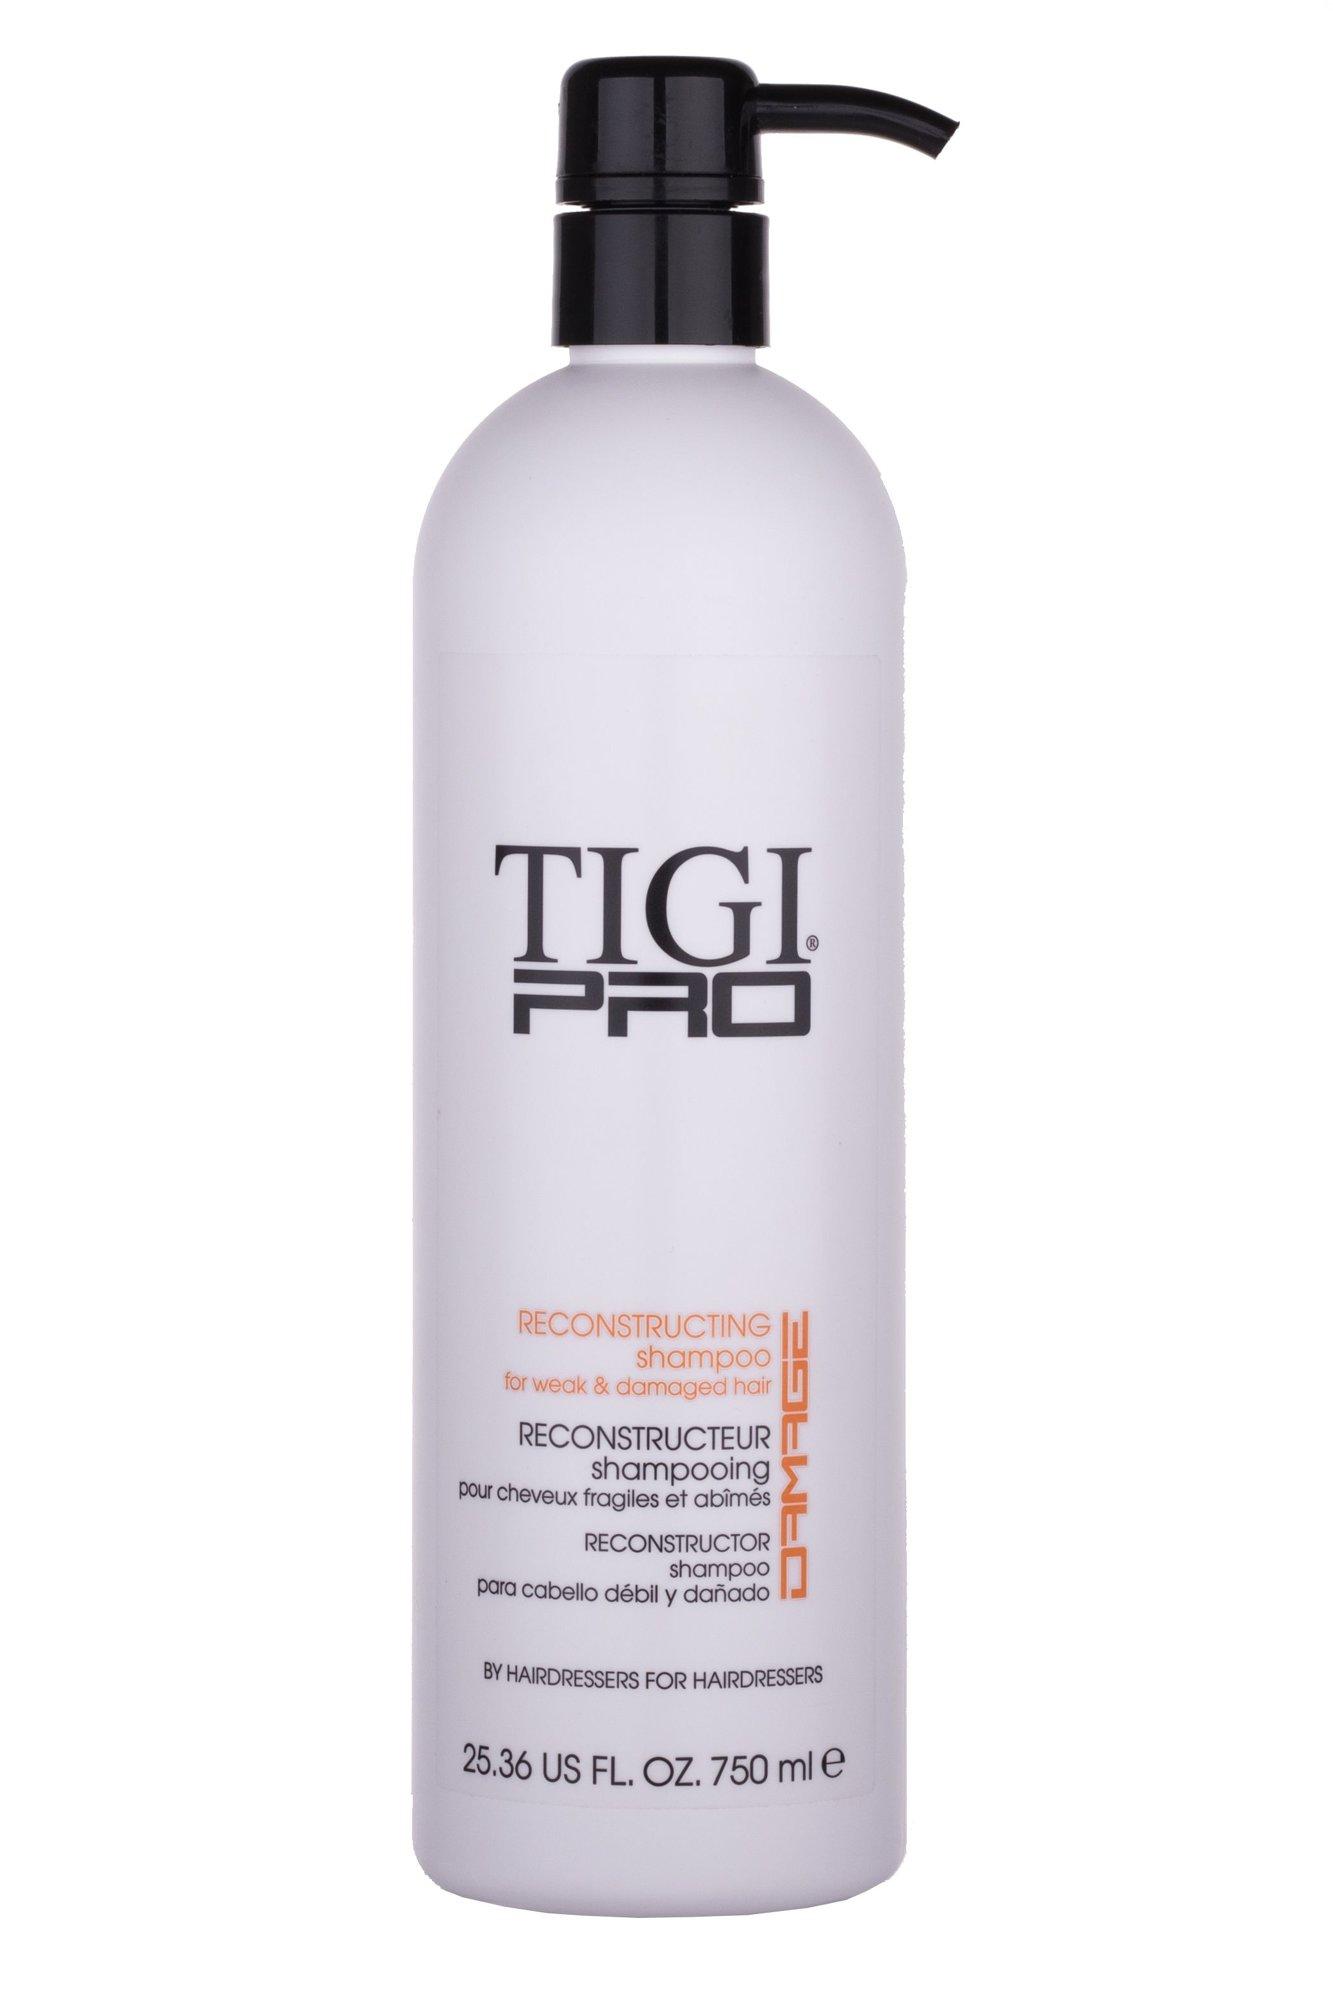 Tigi Pro Reconstucting Shampoo Cosmetic 750ml